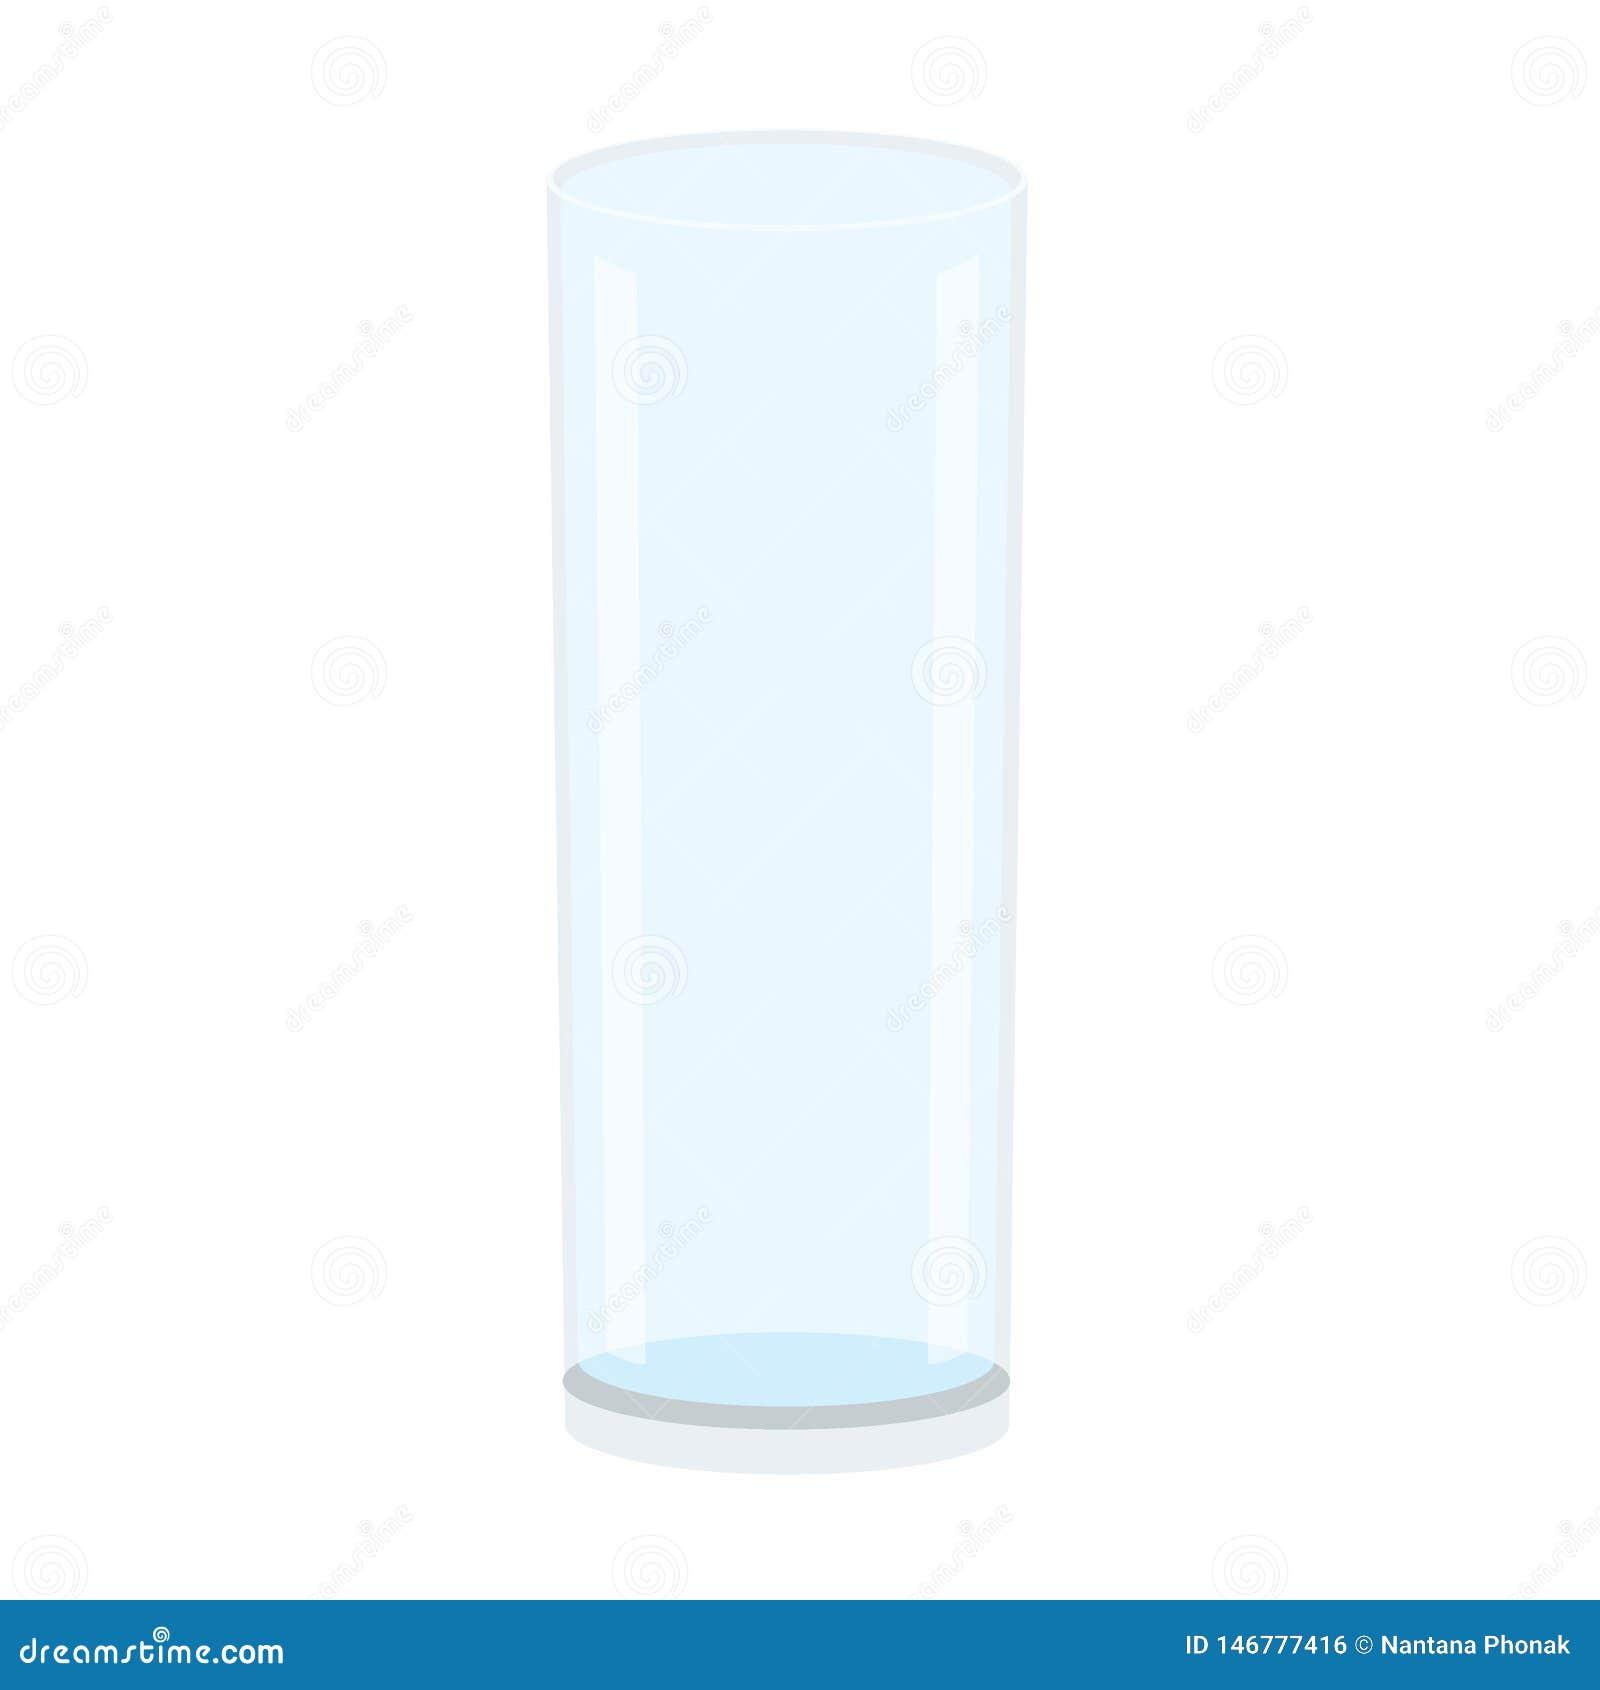 Błękitny, biały, Szary, jasny, przejrzysty, jaskrawy, napój, szkło, woda, woda mineralna, zimna woda, gorąca woda, filiżanka, tło